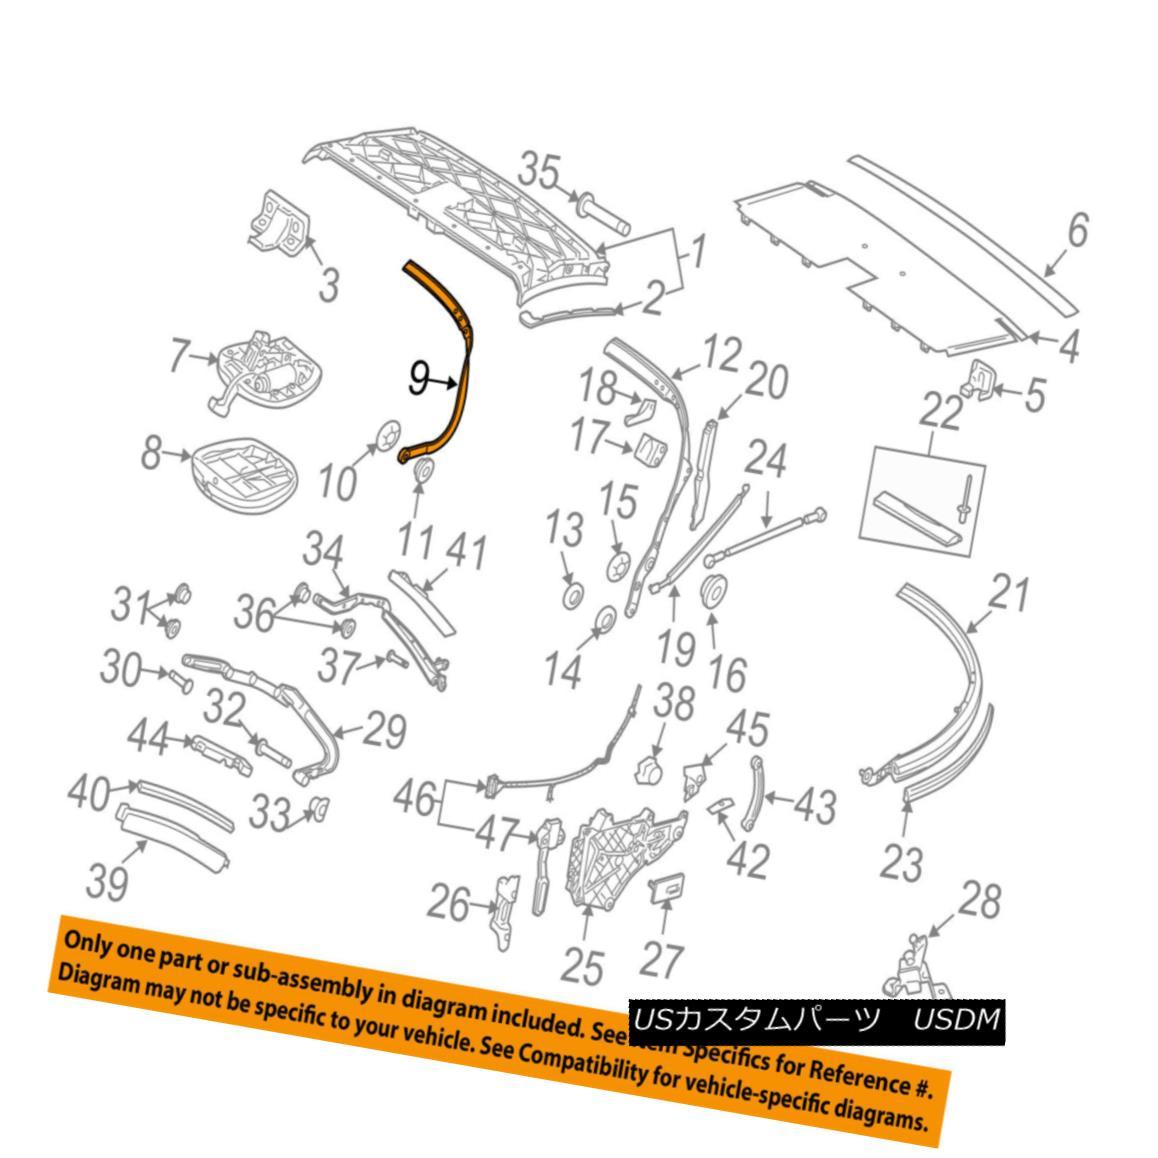 幌・ソフトトップ PORSCHE OEM 09-13 911 Convertible/soft Top-Front Bow 99756194200 ポルシェOEM 09-13 911コンバーチブル/ so ftトップフロントボウ99756194200